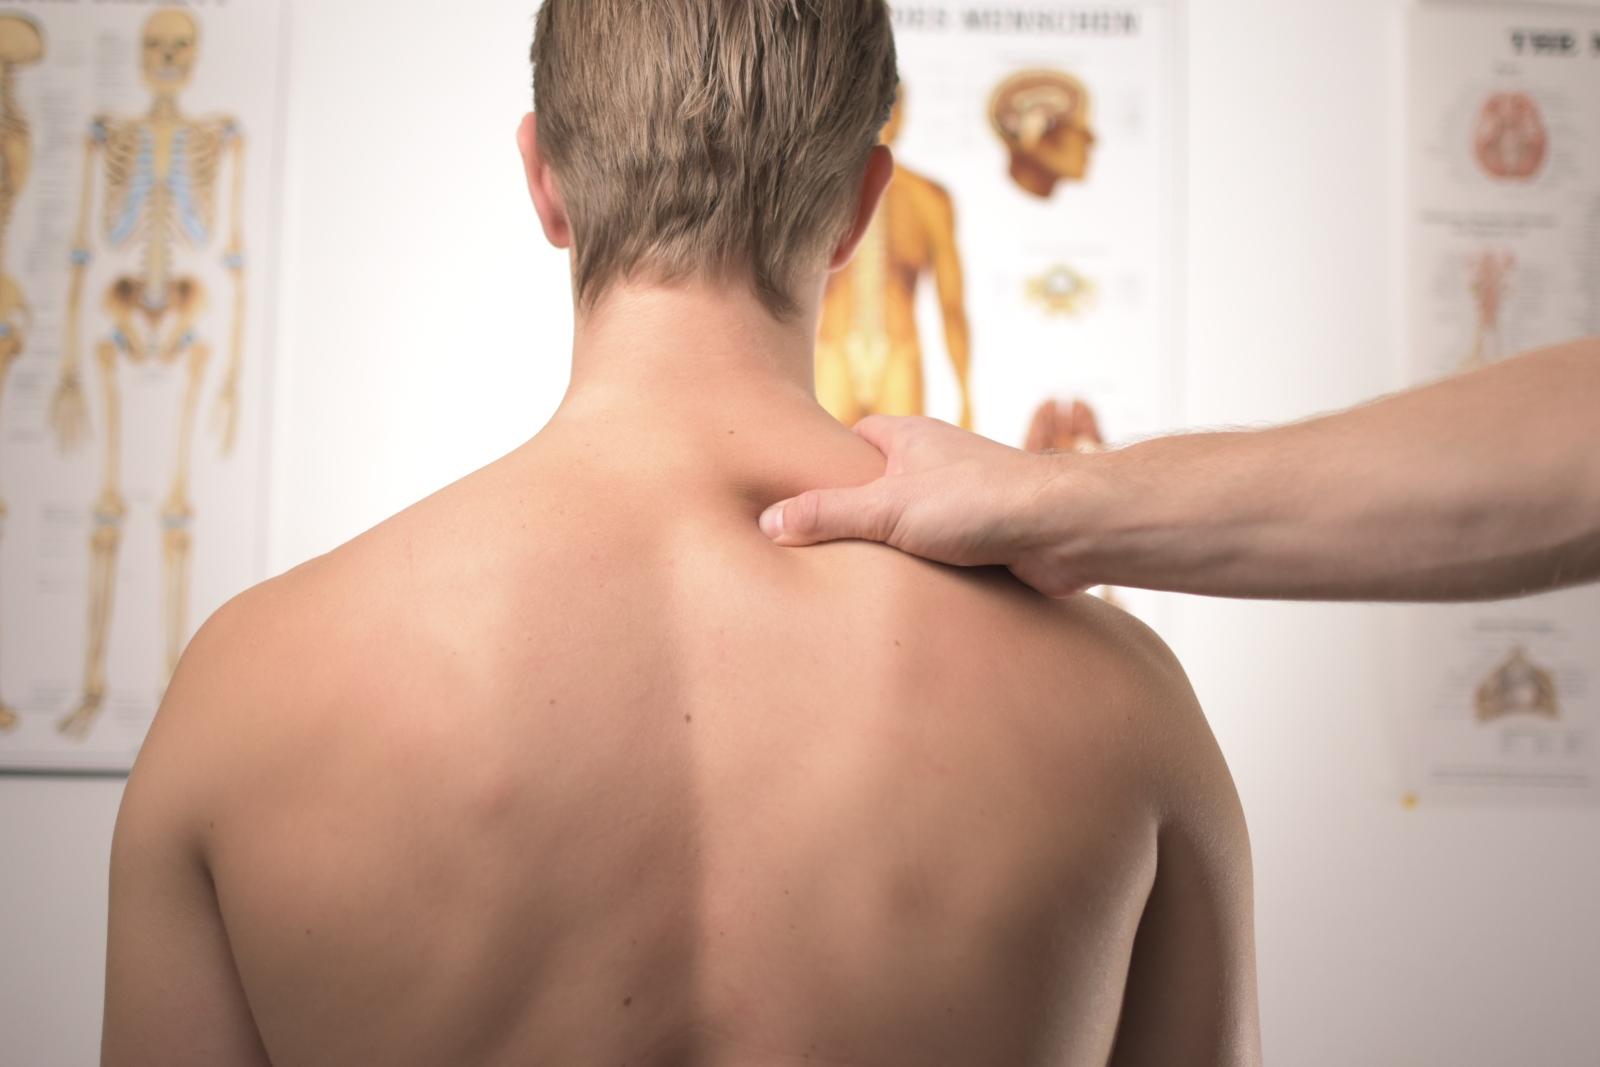 izlazi nakon ozljede leđne moždine